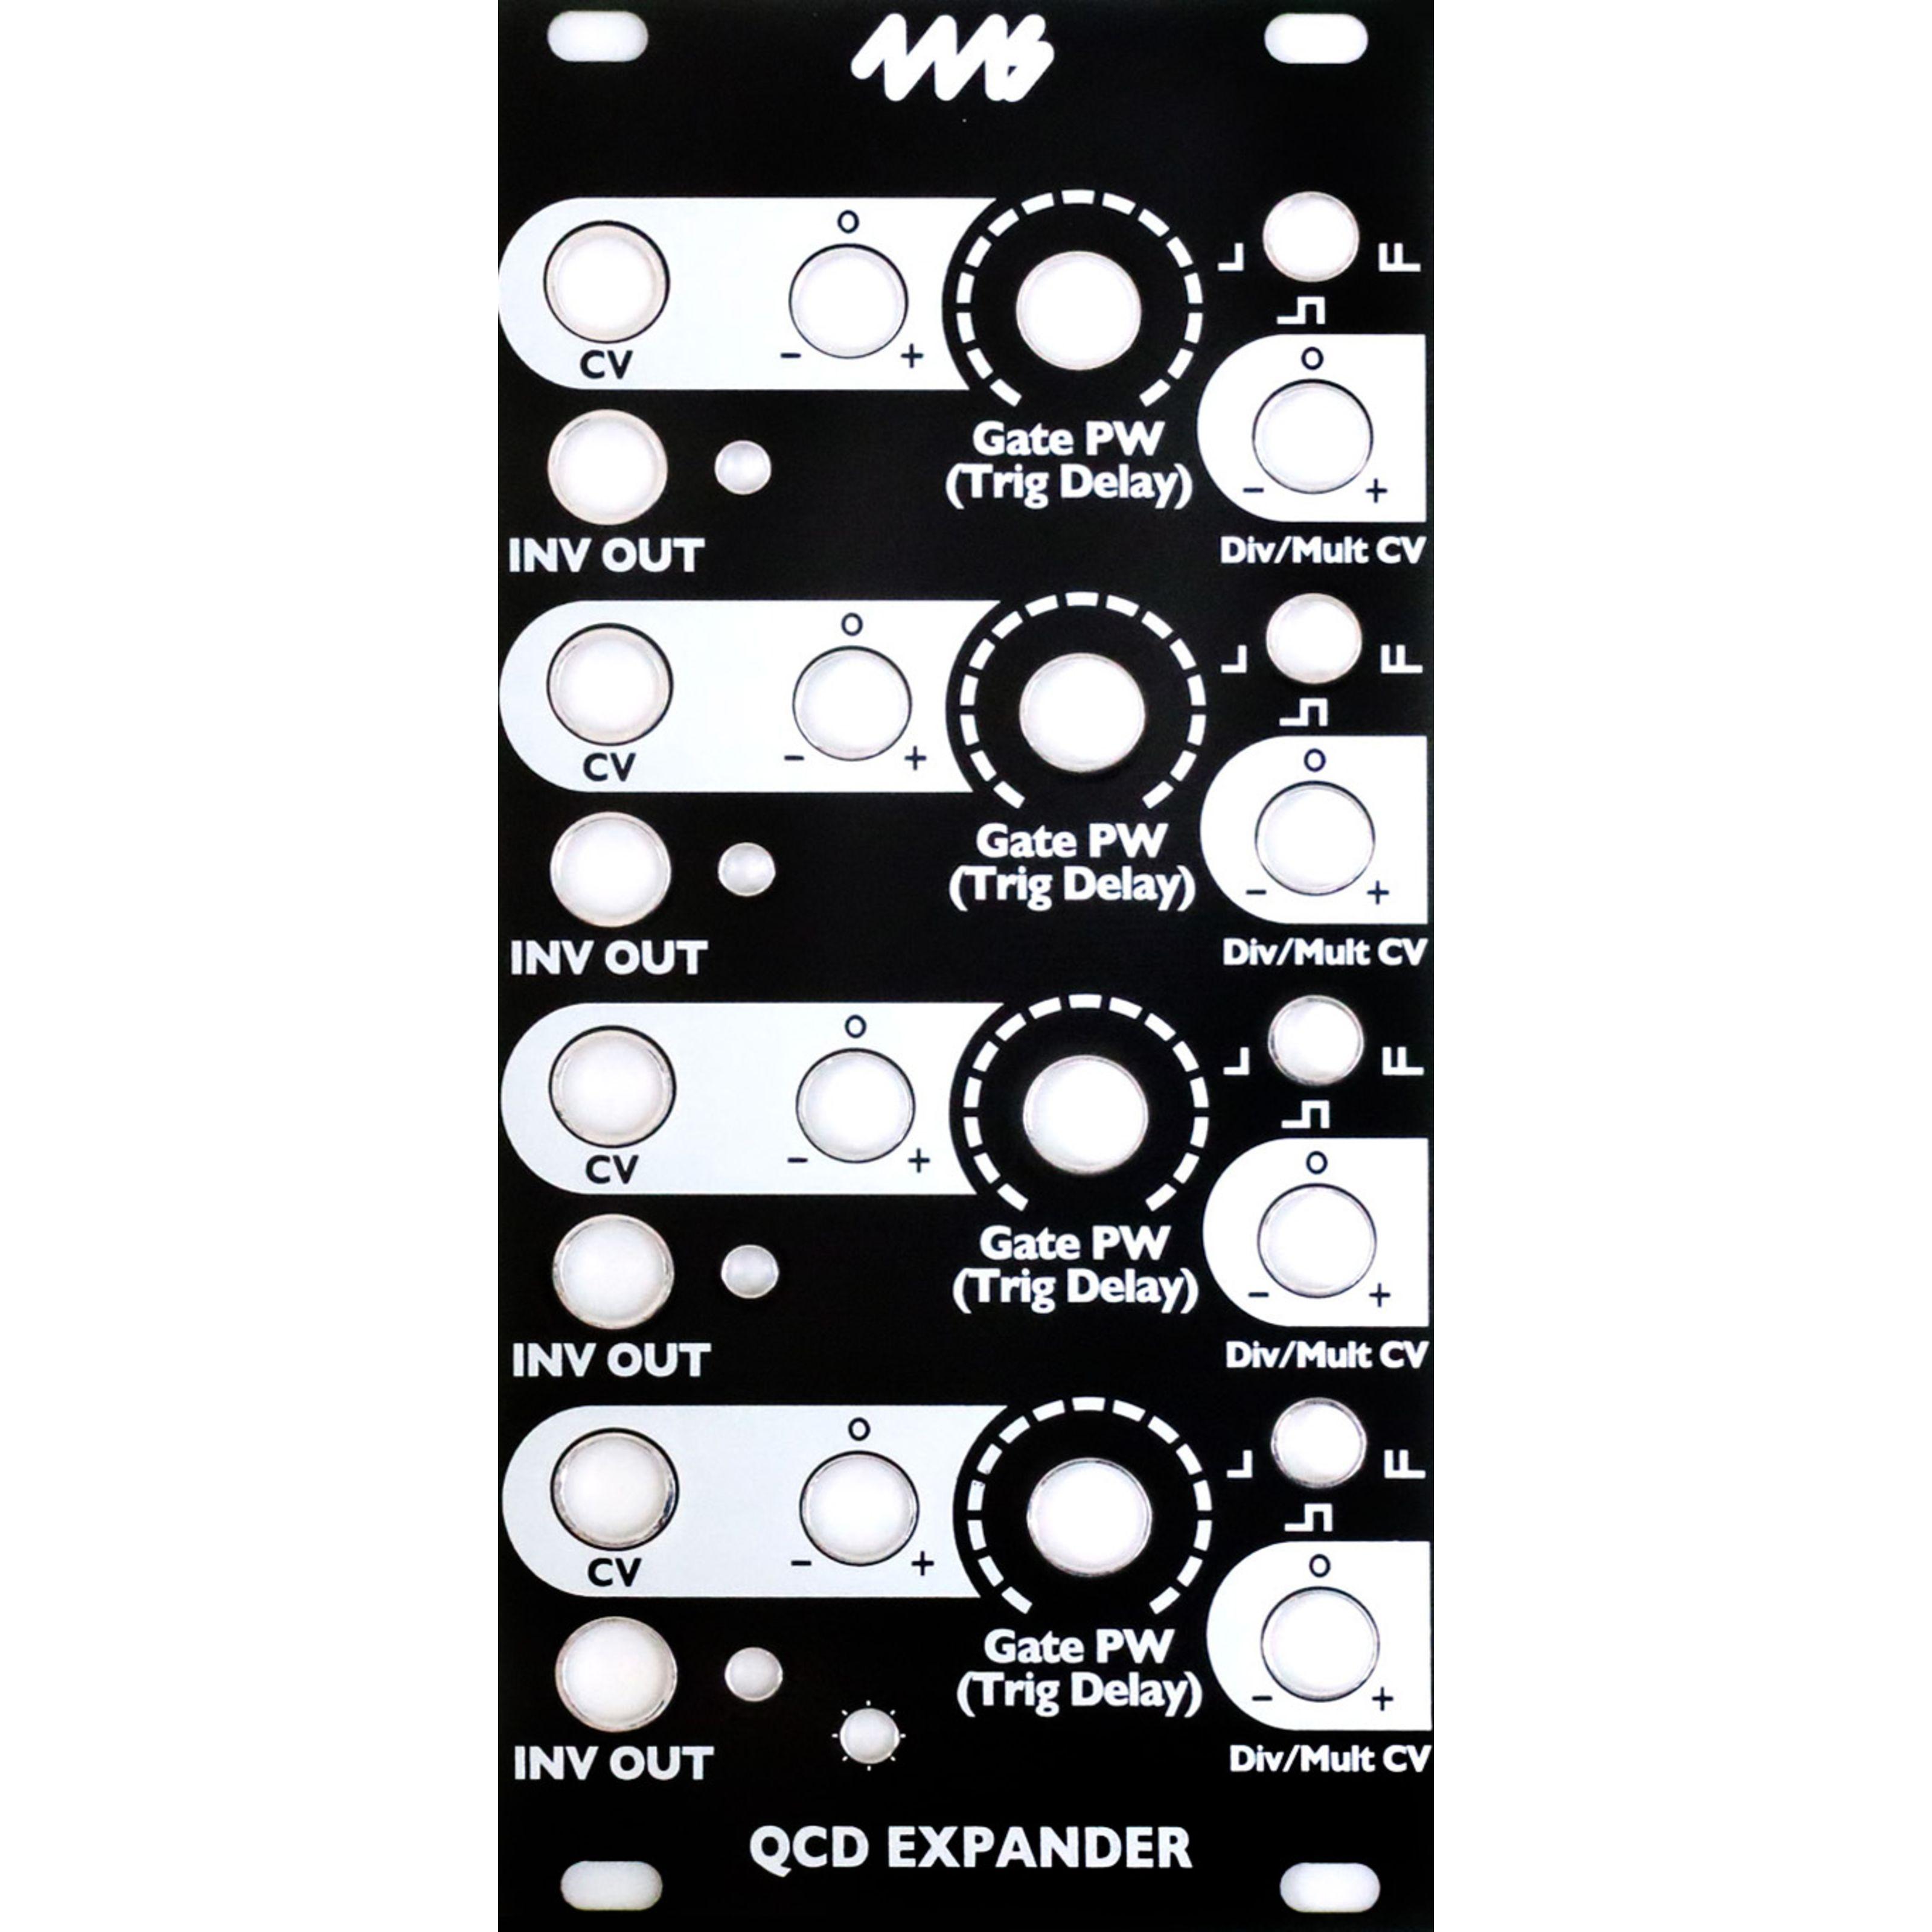 4ms - QCD Expander Black Panel QCD Exp BP